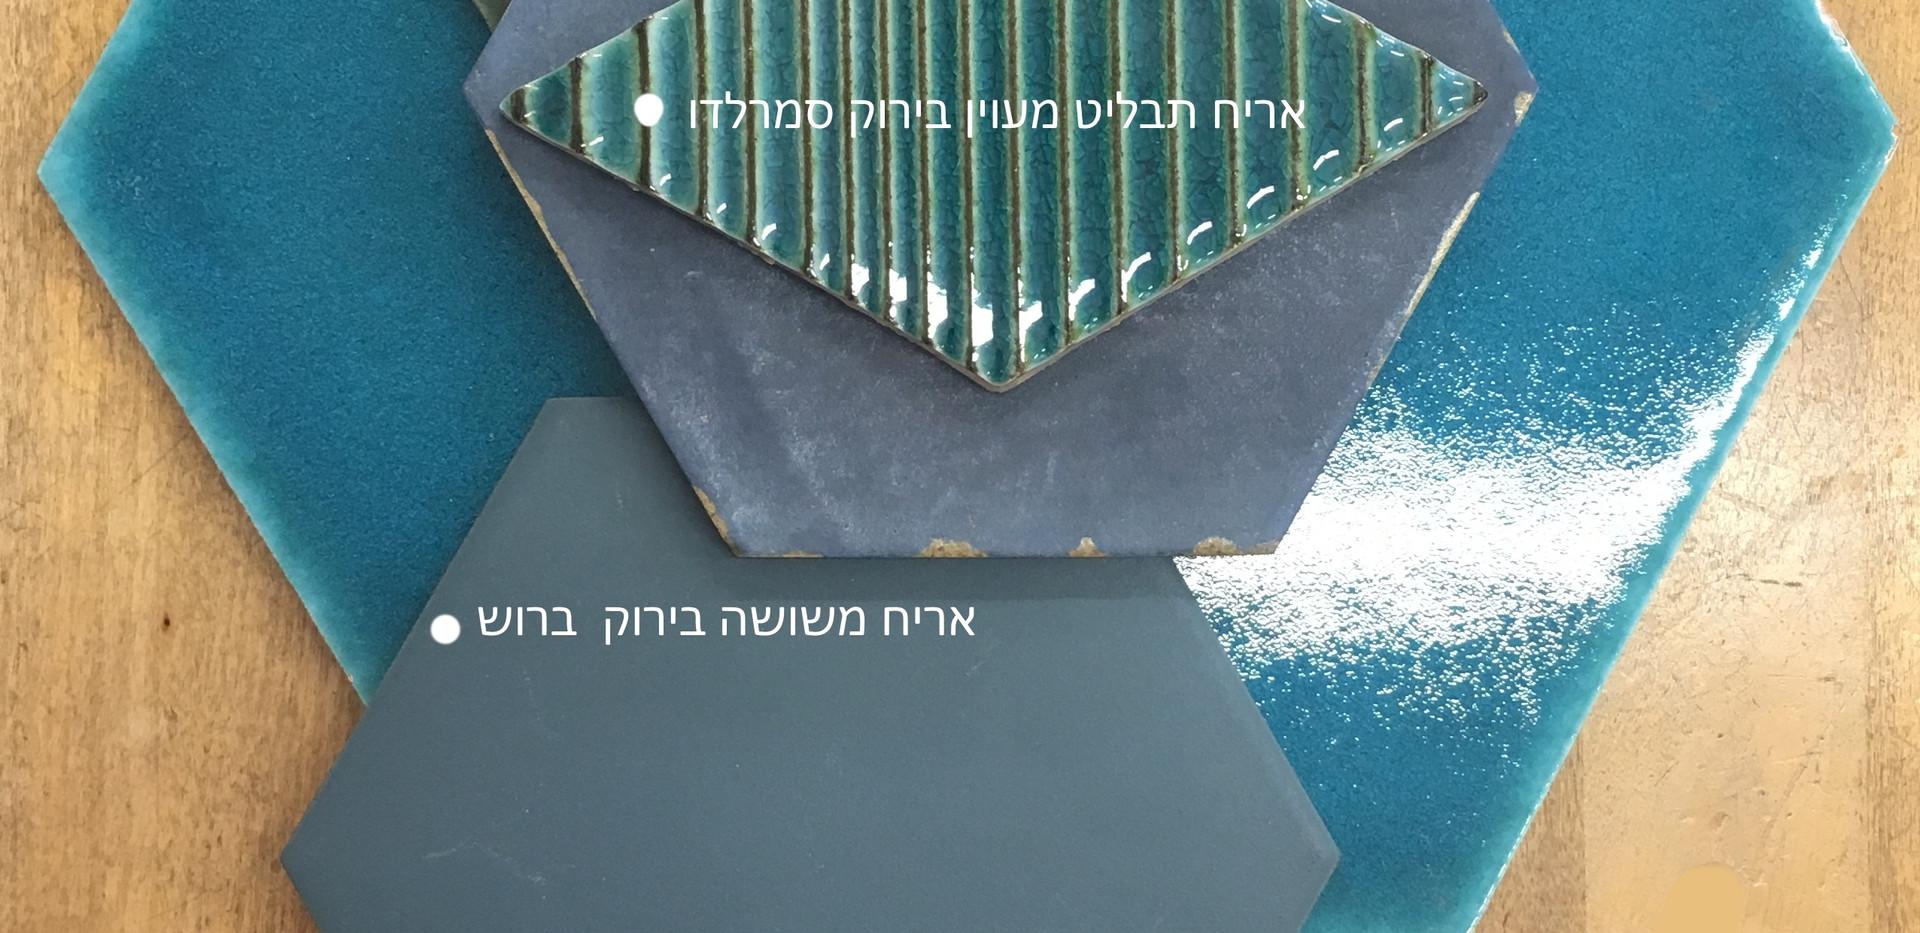 אריחי משושה ומעוין בירוק כחול וטרקיז.jpg